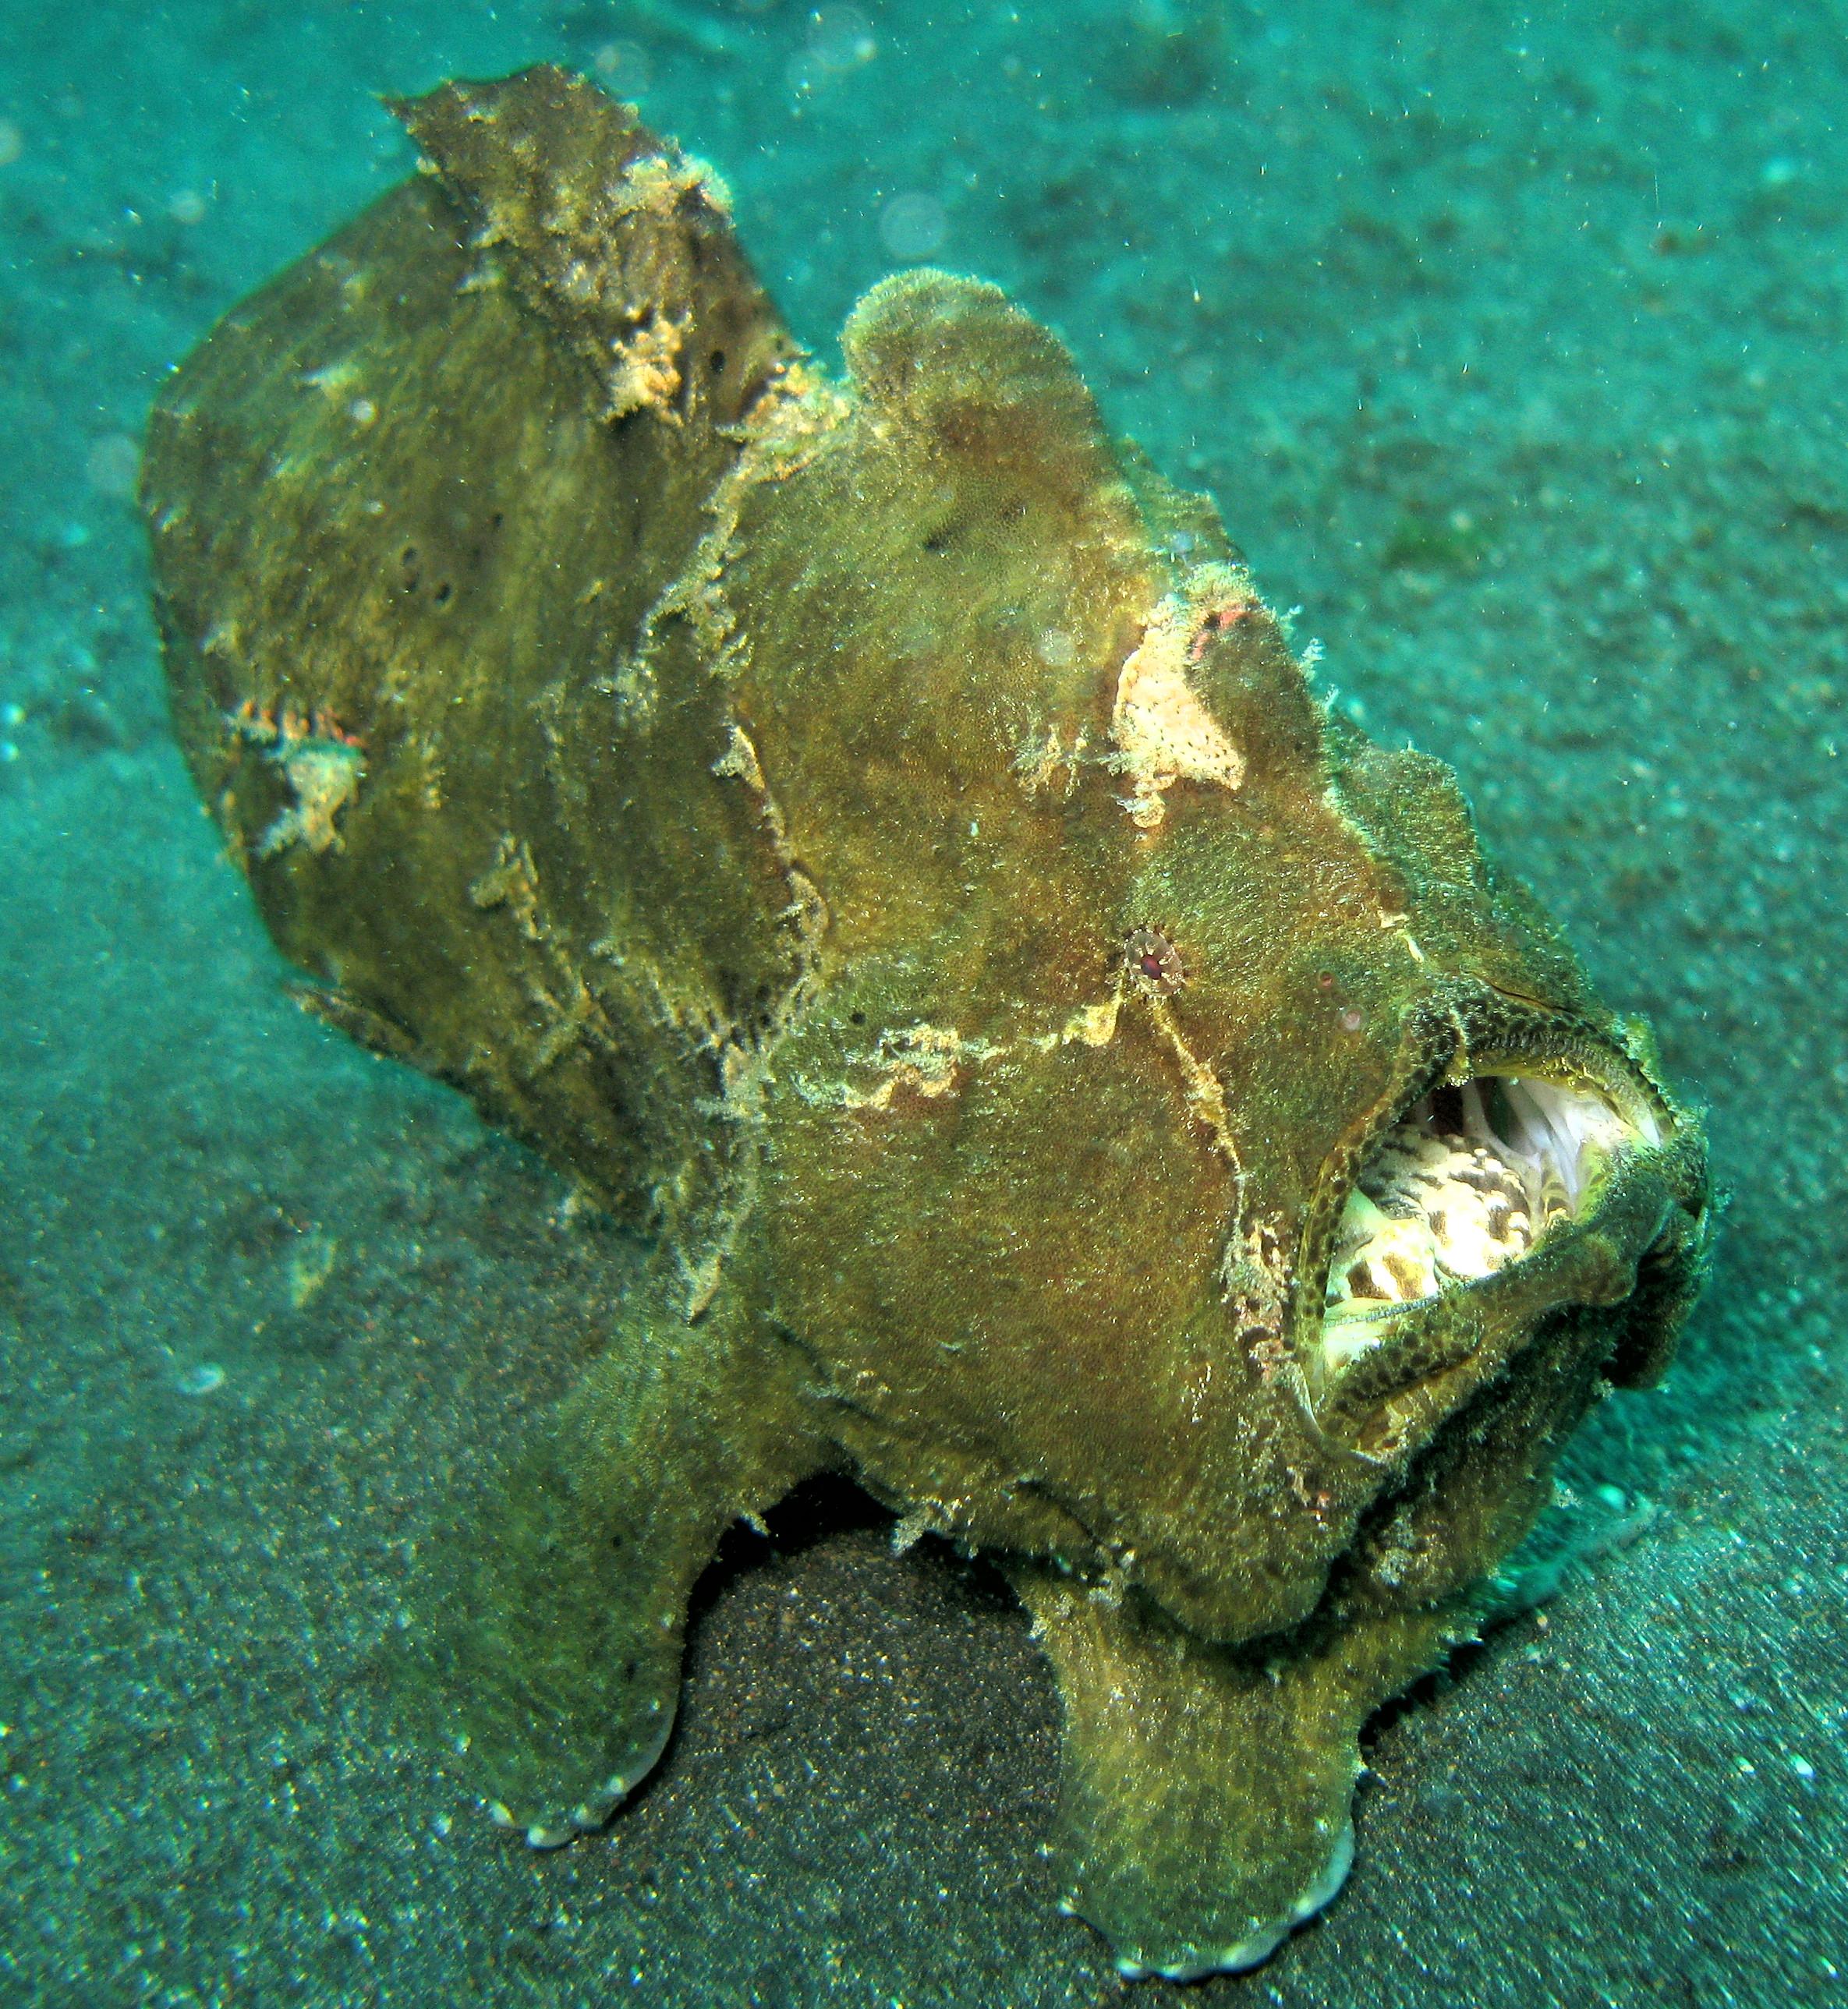 صورة صور اسماك غريبة , اروع واجمل صور الاسماك الغريبة